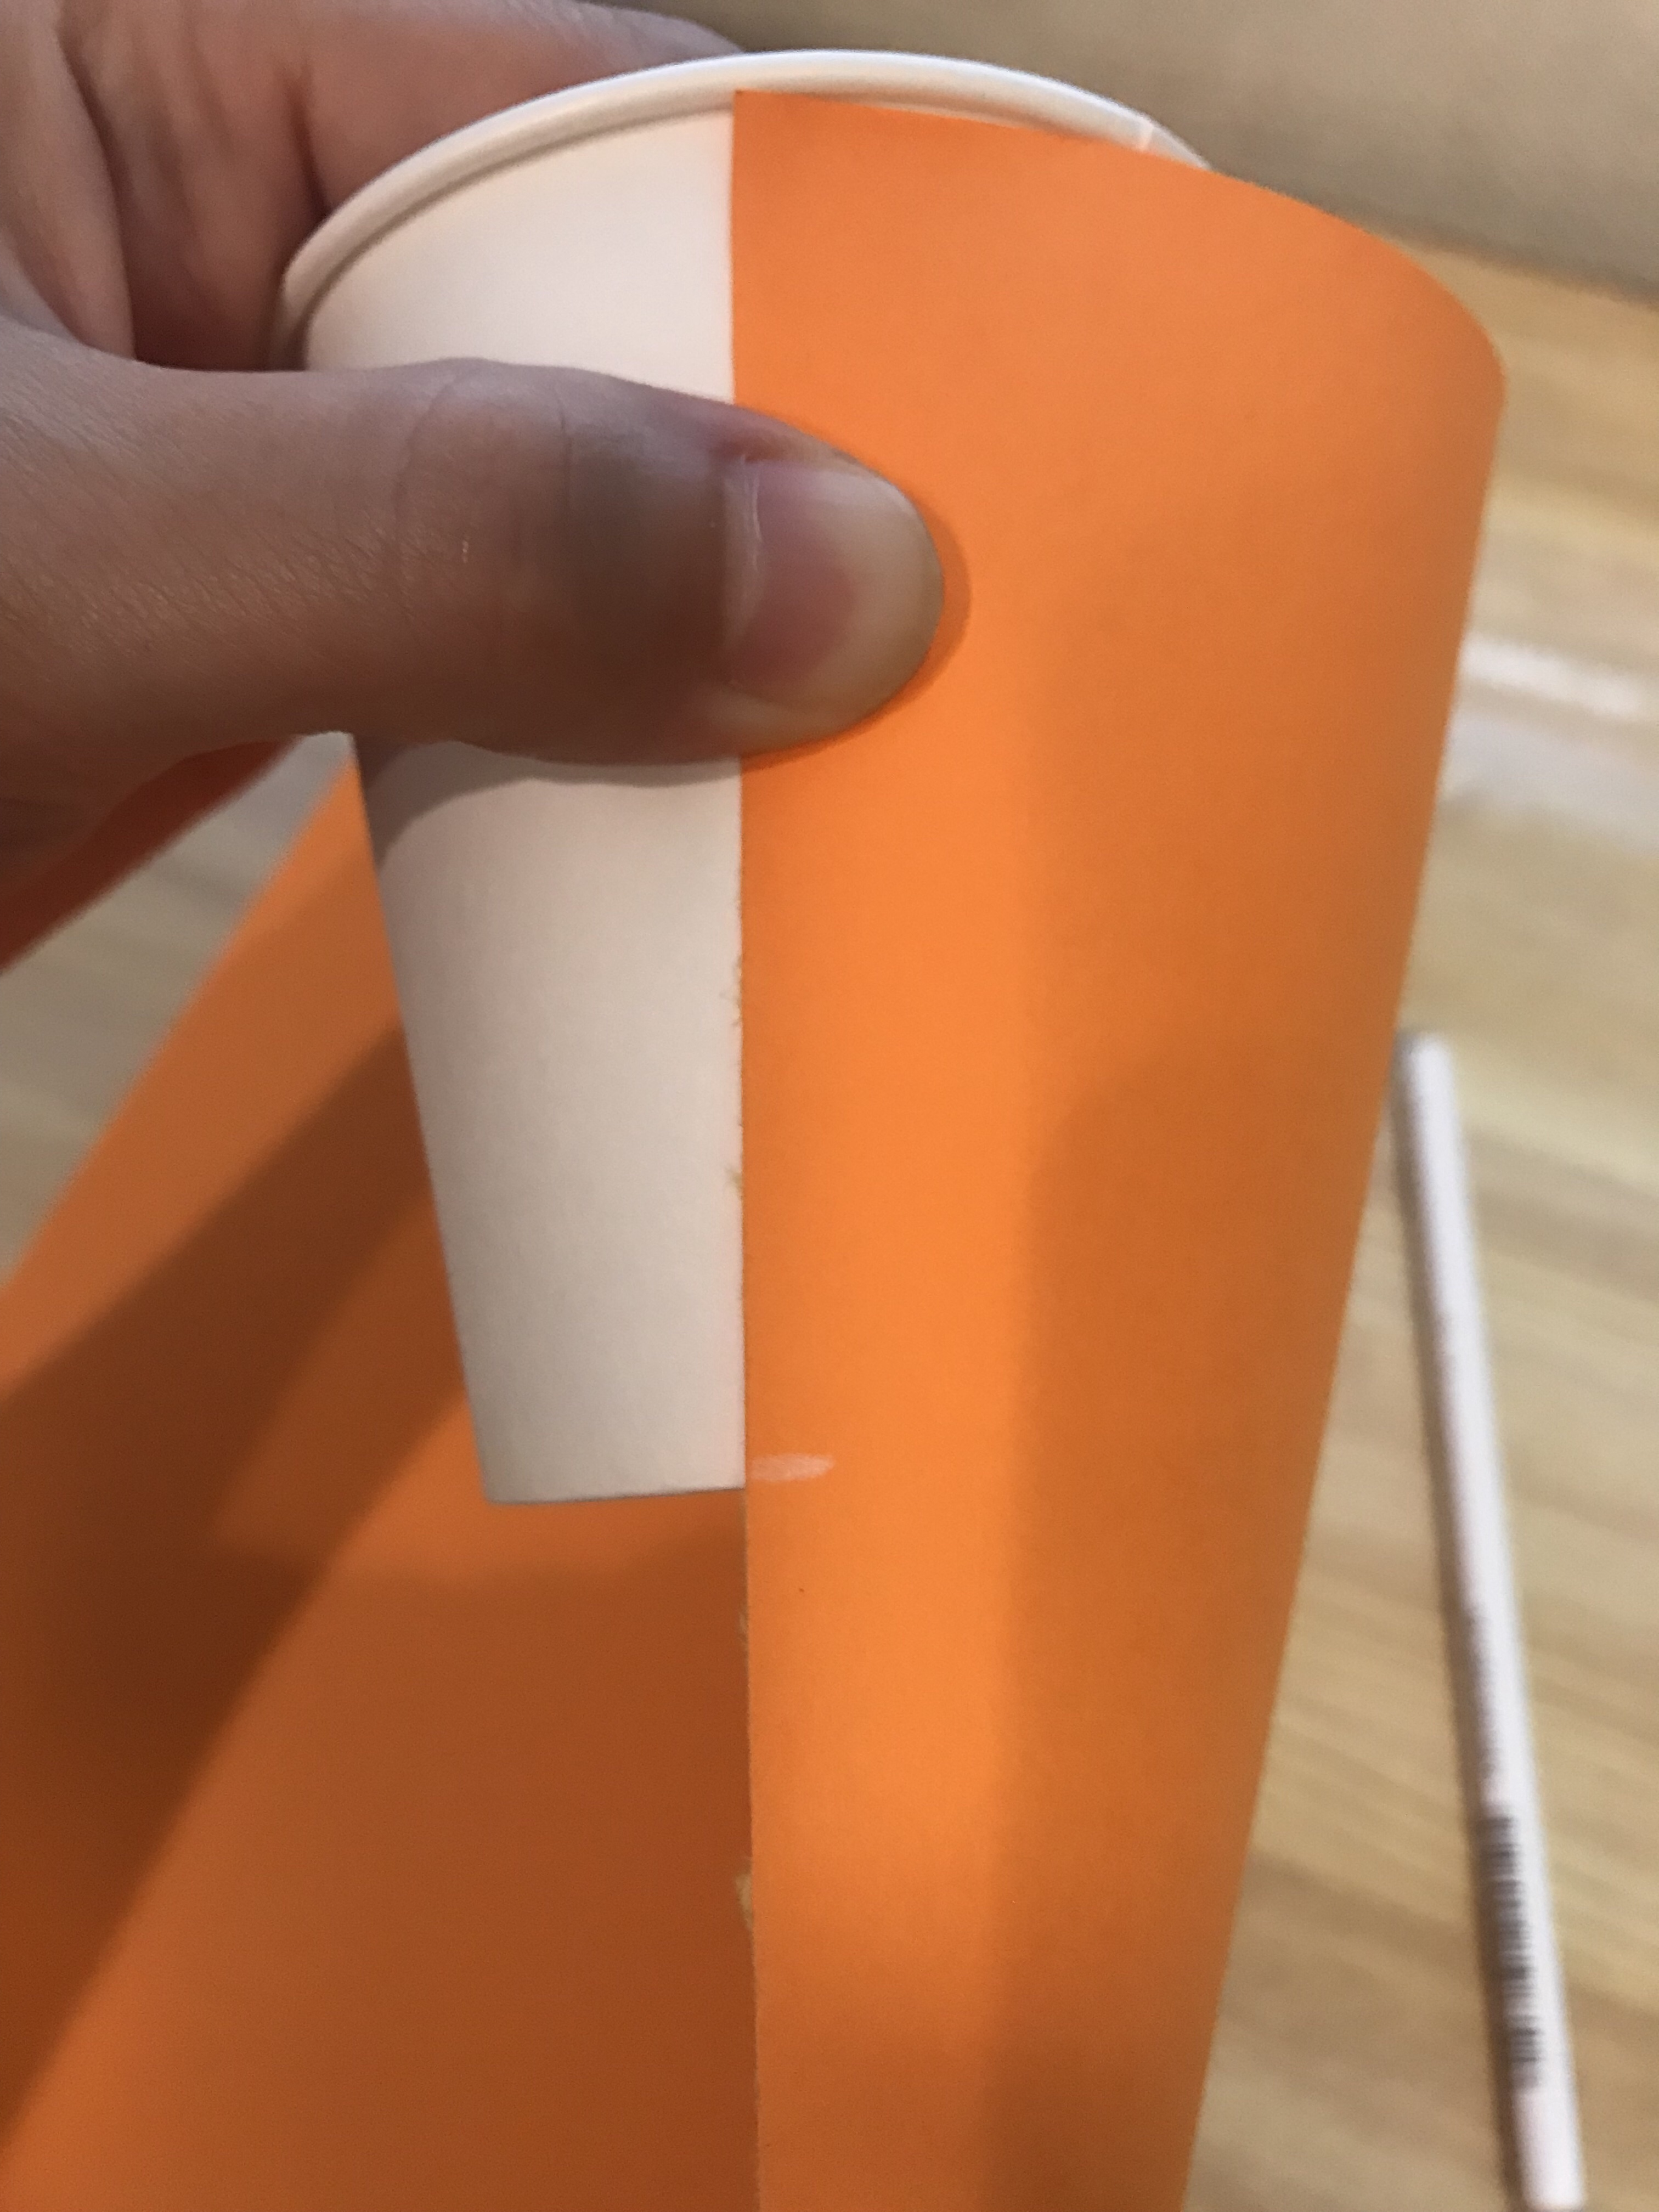 コップに先ほどの画用紙を当てて、コップの高さに印をつけている写真。